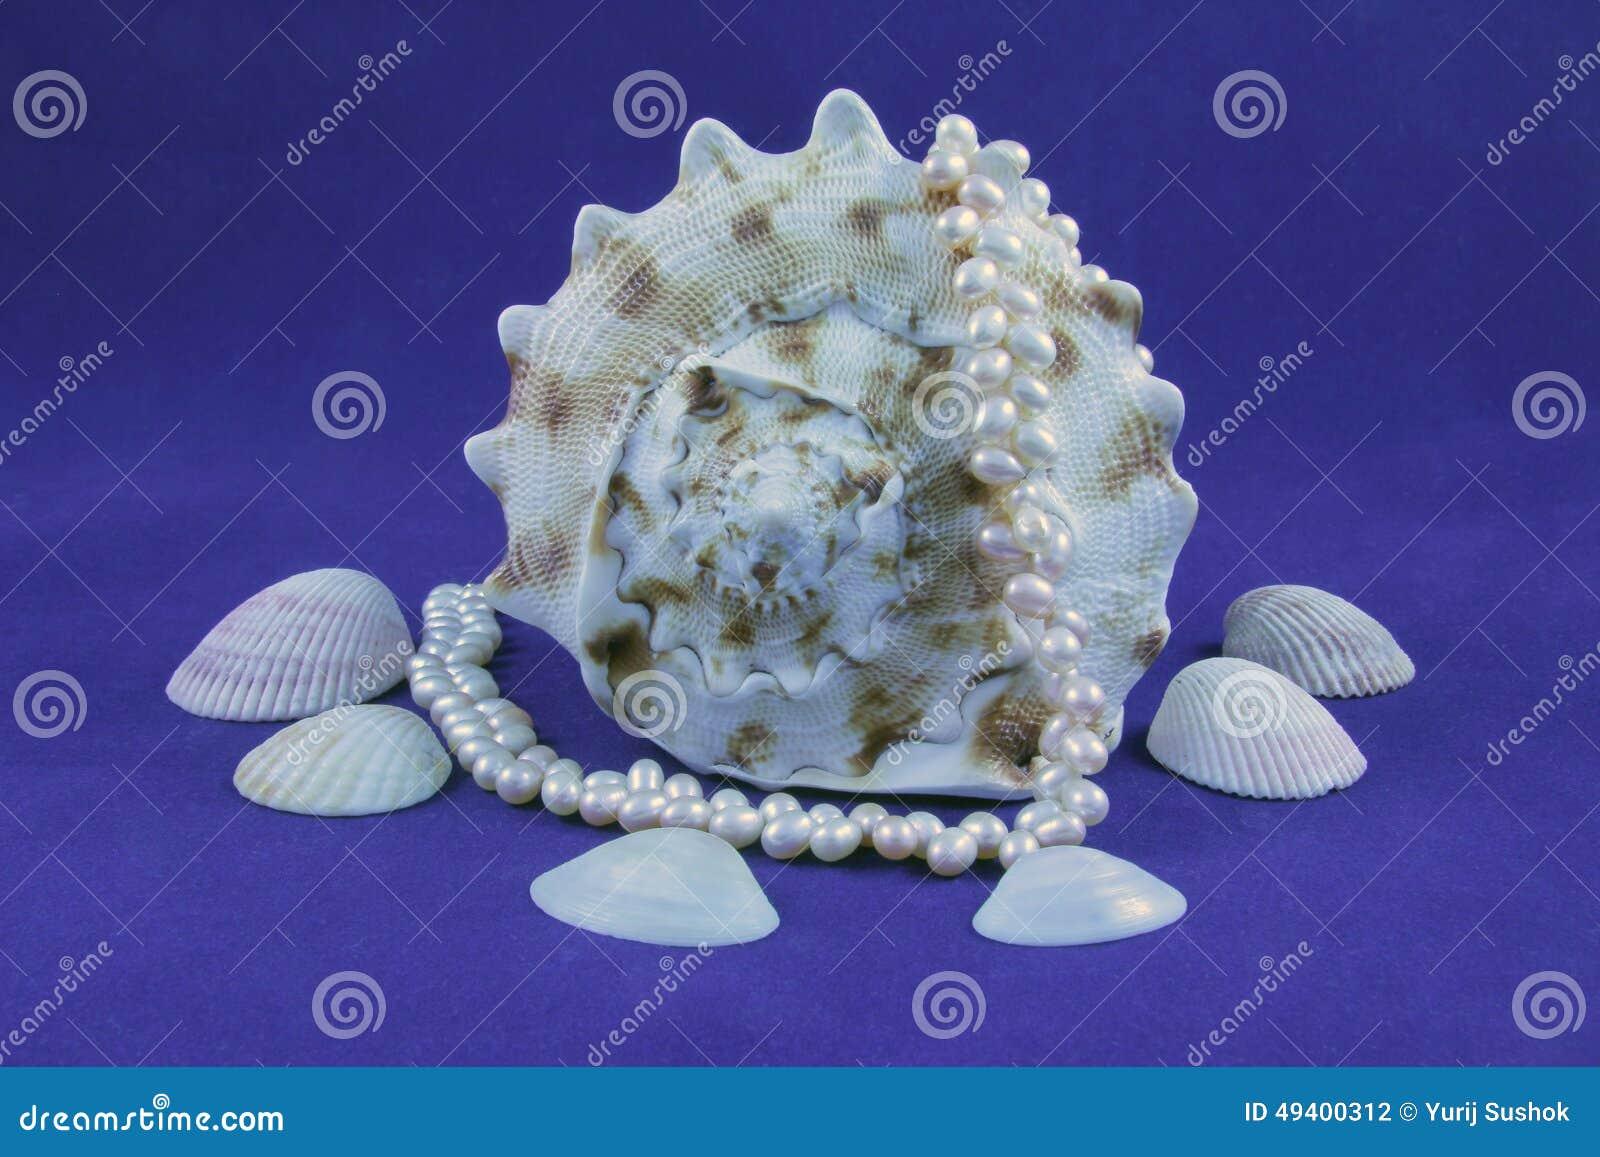 Download Seashell und Perlen stockfoto. Bild von getrennt, ansammlung - 49400312